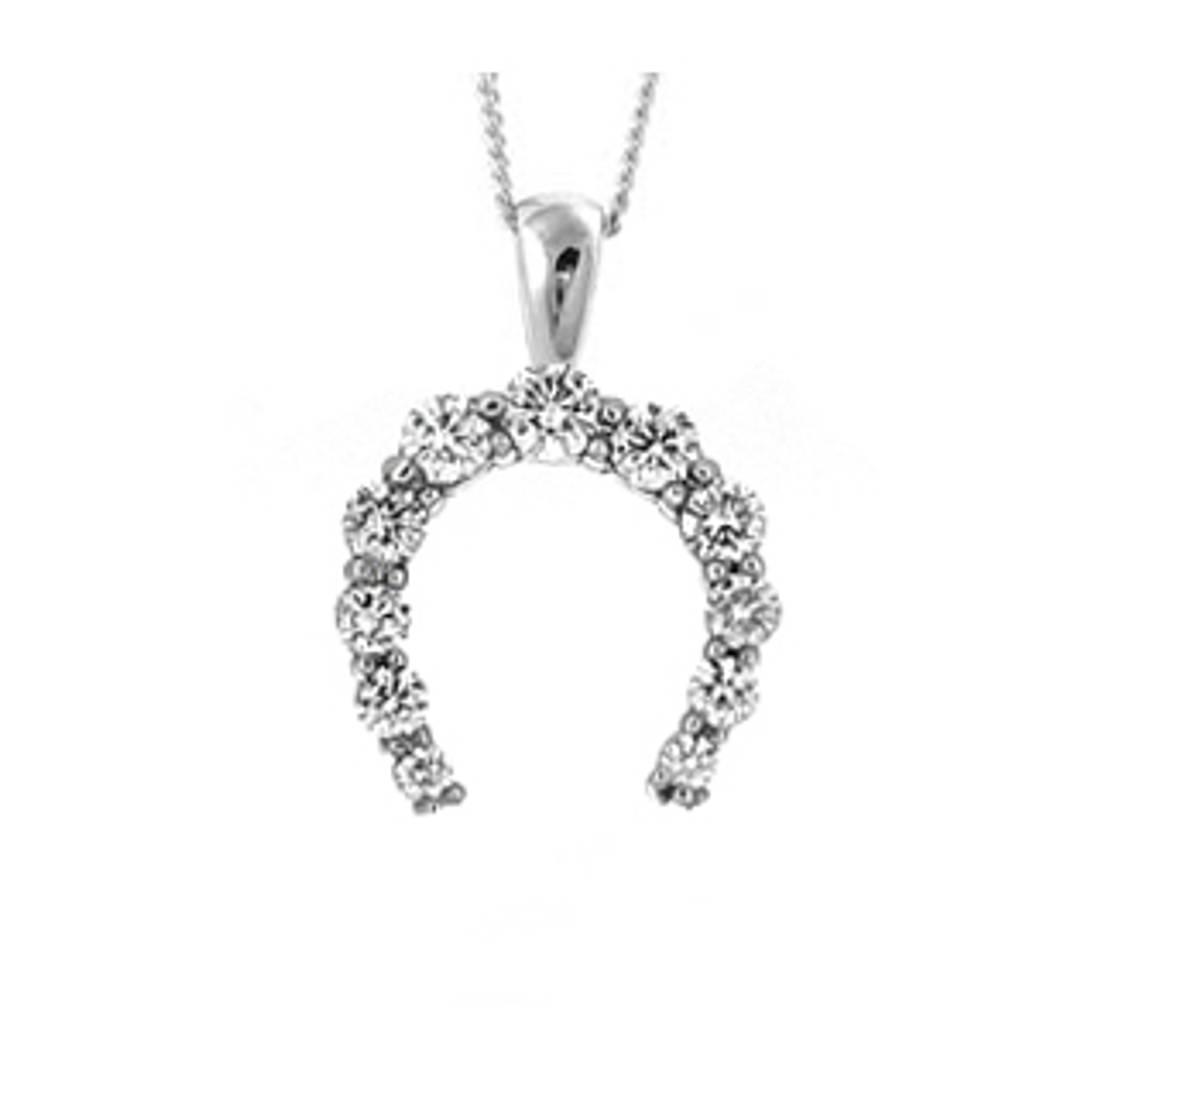 18 carat white gold horseshoe pendant with 0.61cts diamonds